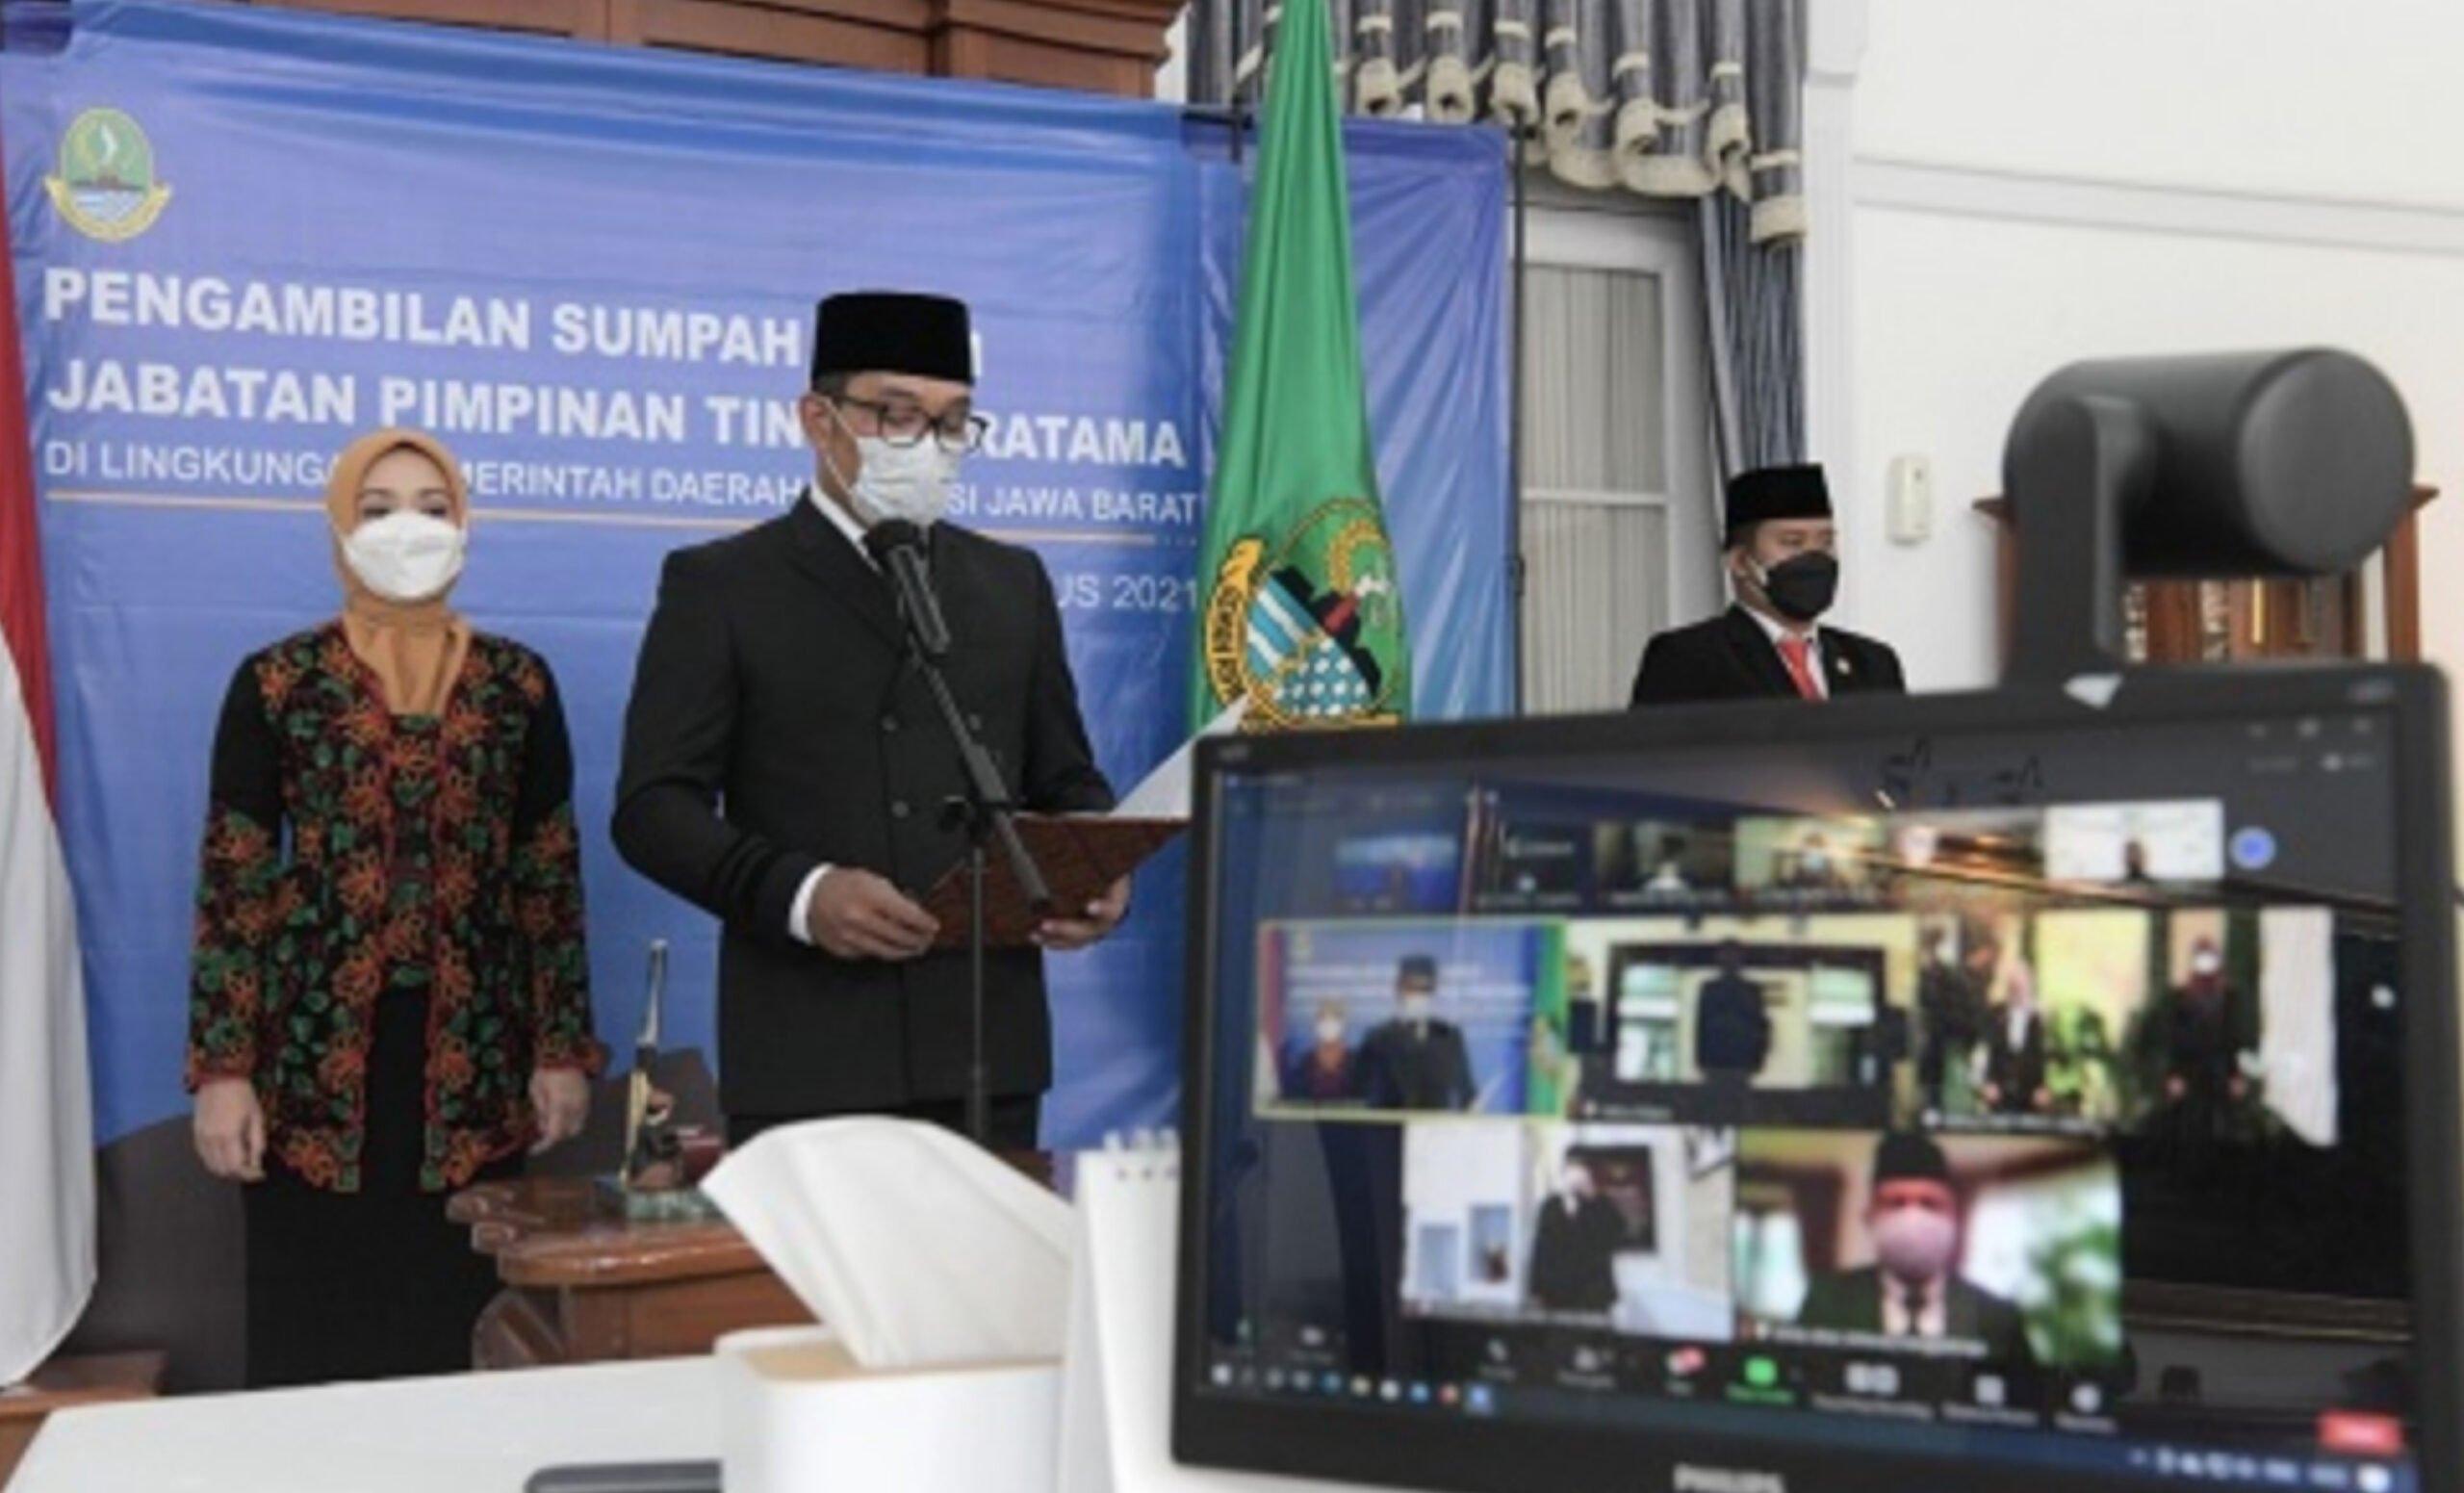 Gubernur Jawa Barat Rotasi 3 Pimpinan Tinggi Pratama 235